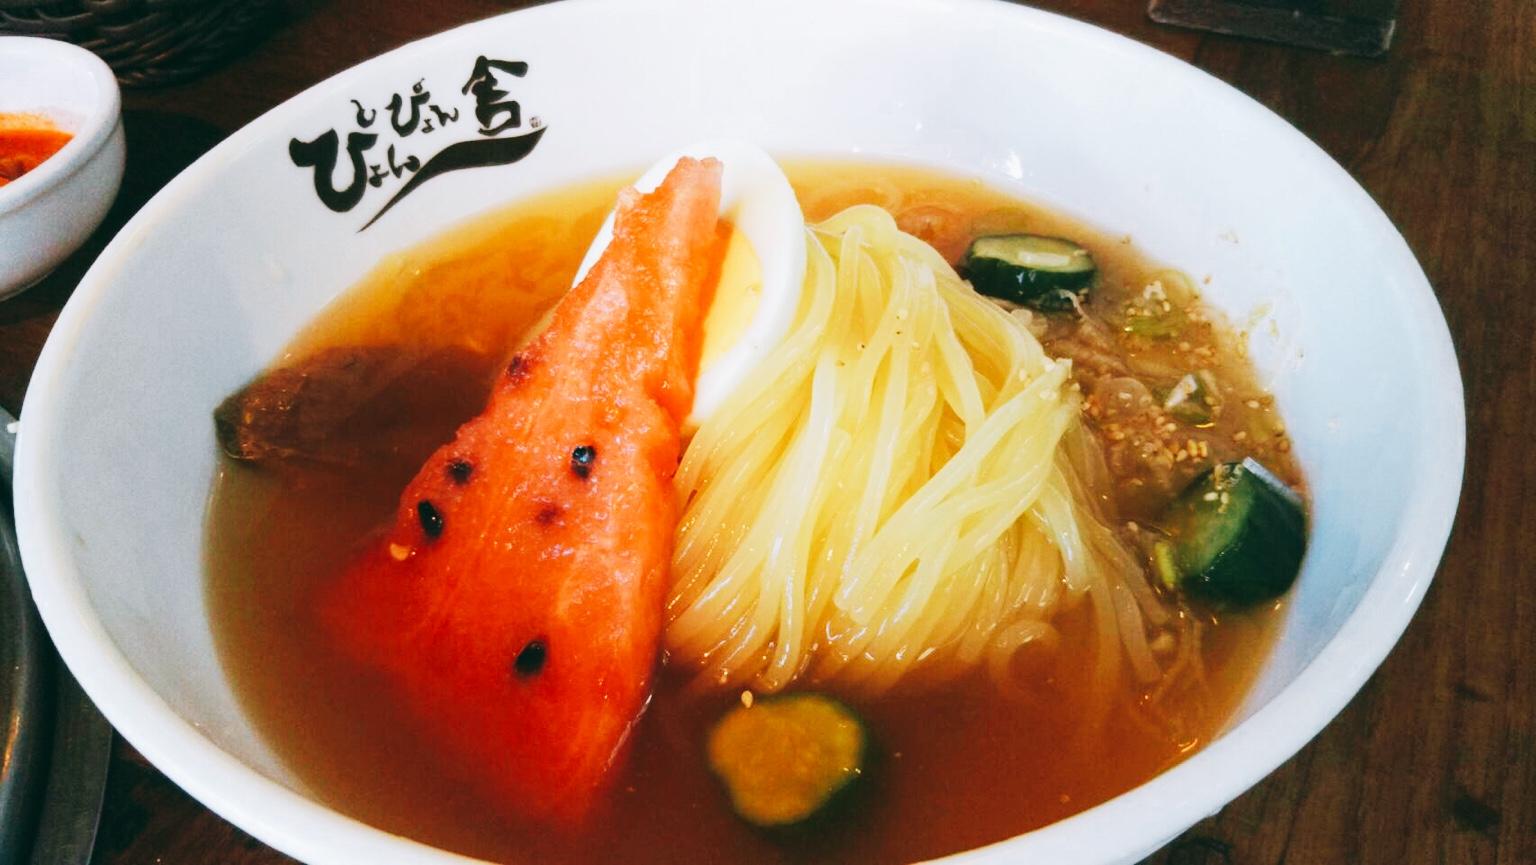 ぴょんぴょん舎で焼肉・冷麺ランチ!in 盛岡